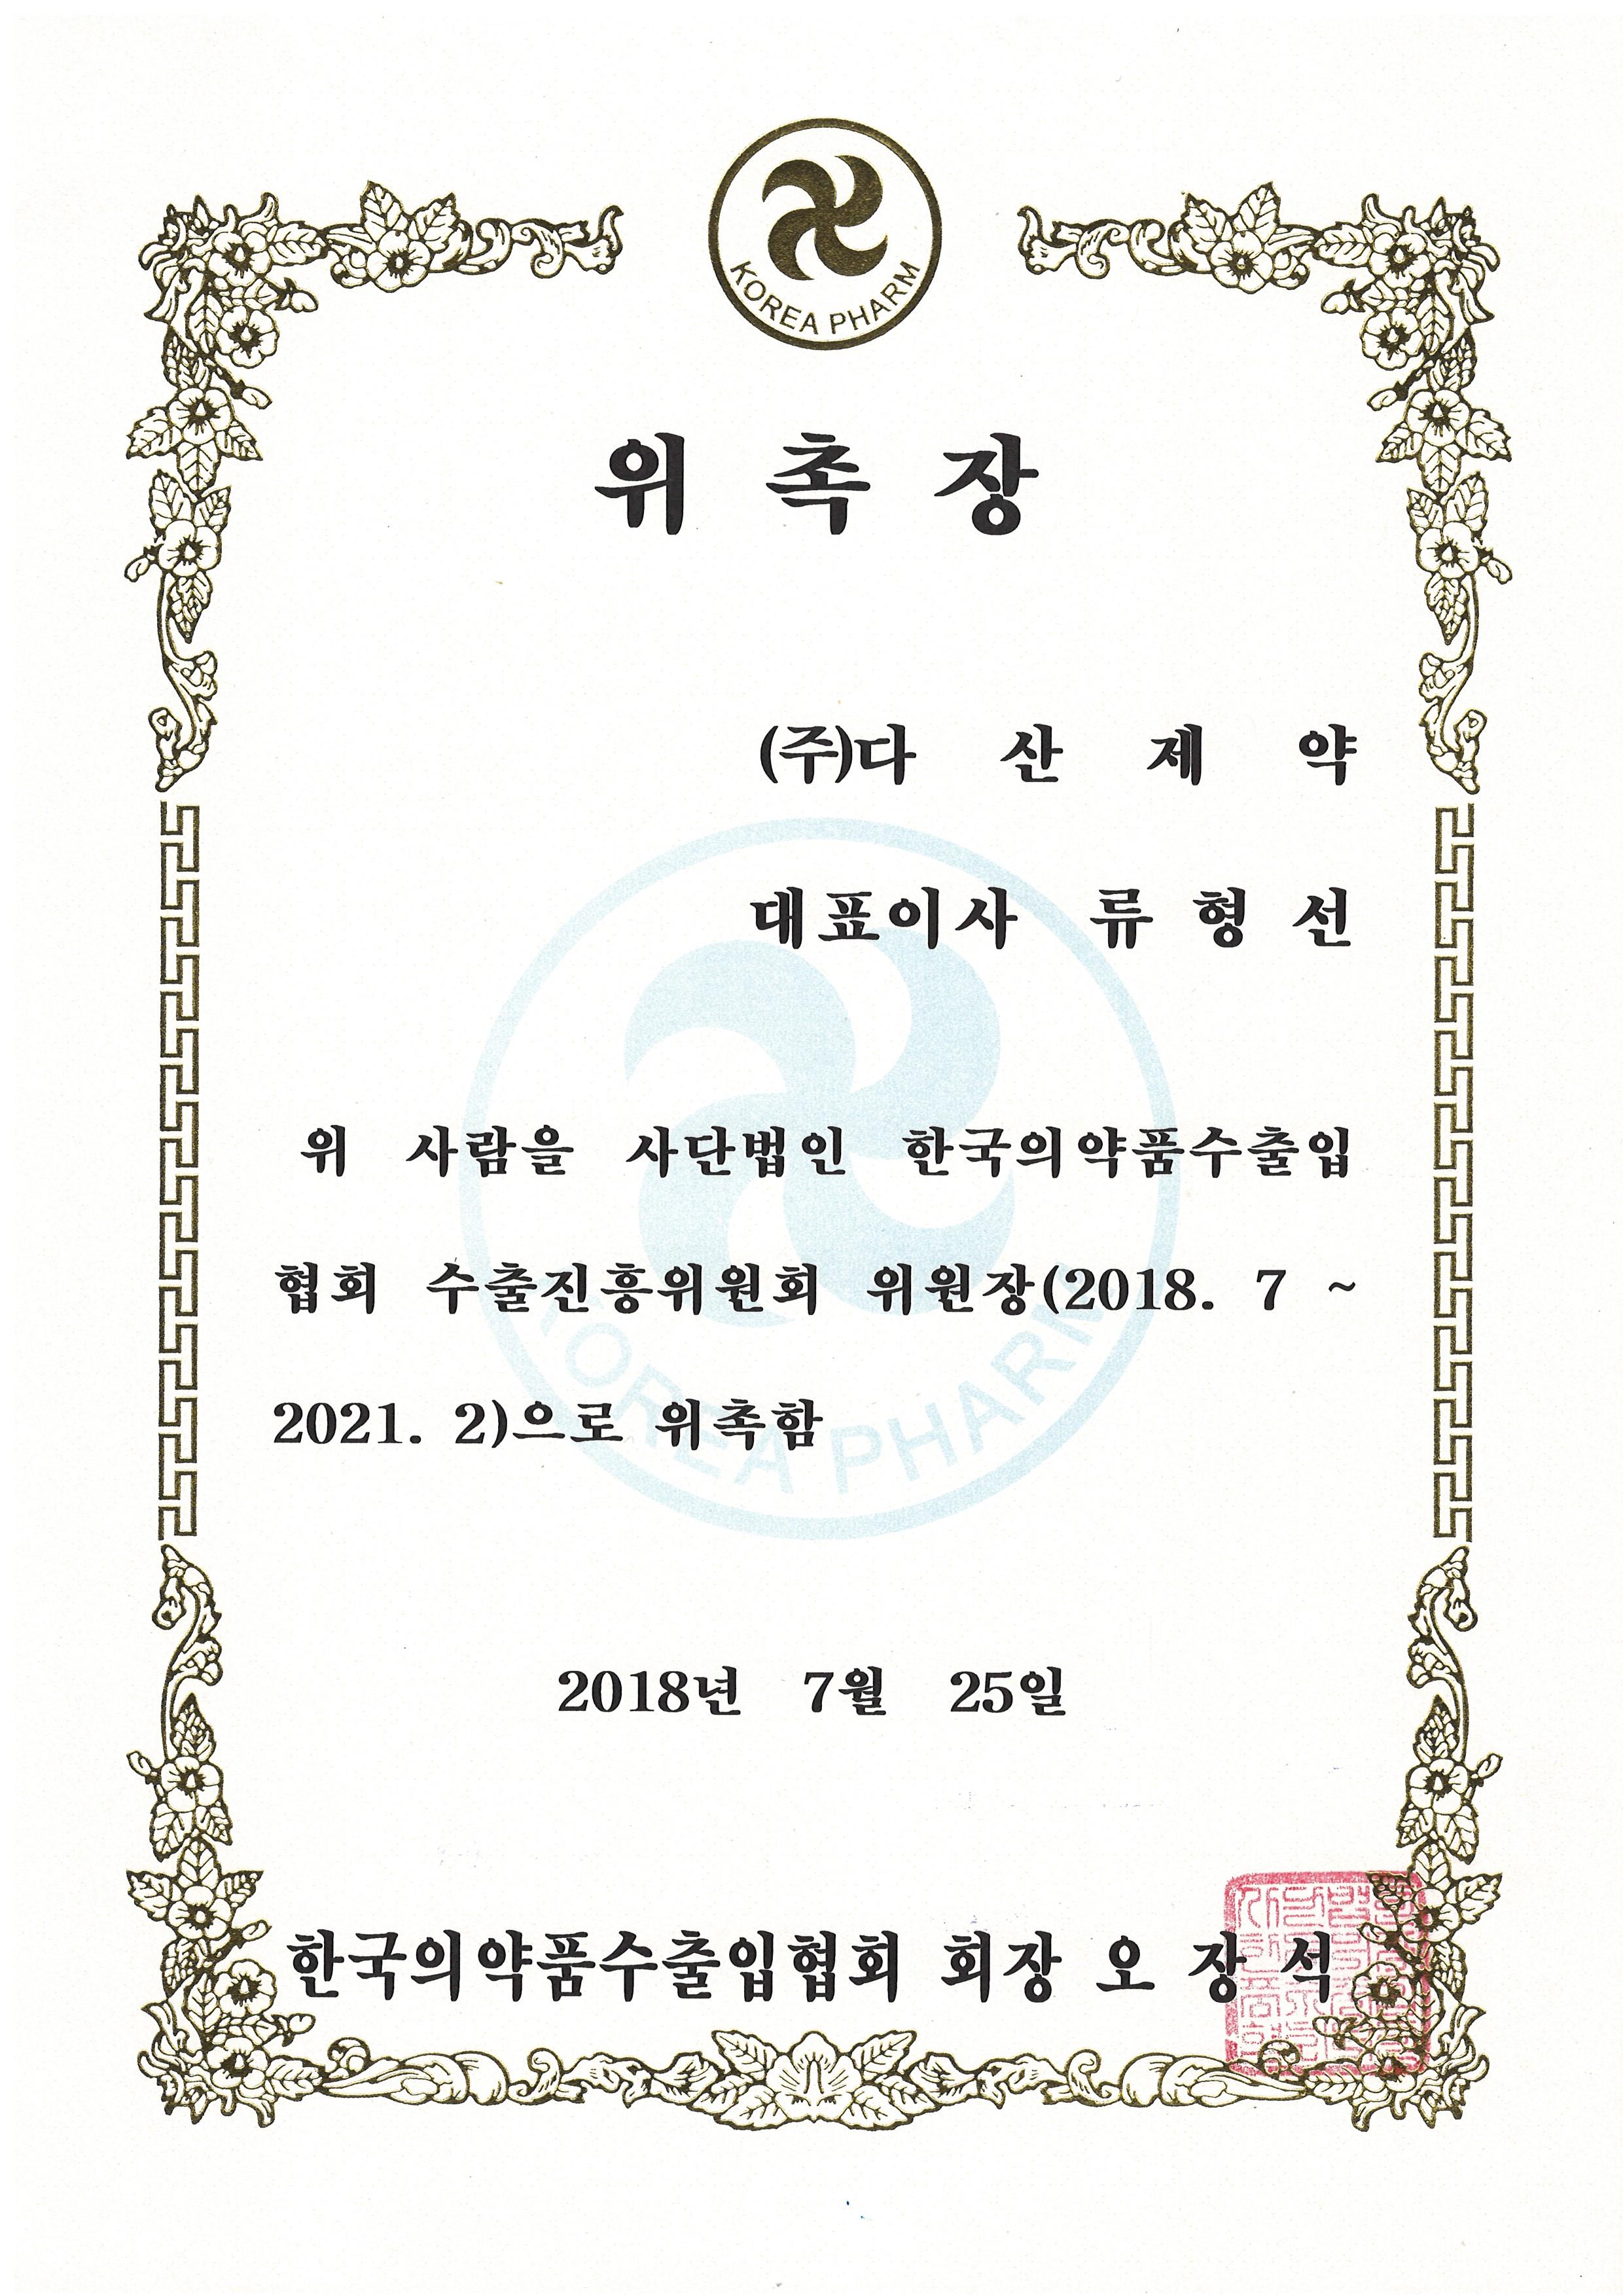 의수협-수출진흥위원회 위원장.jpg